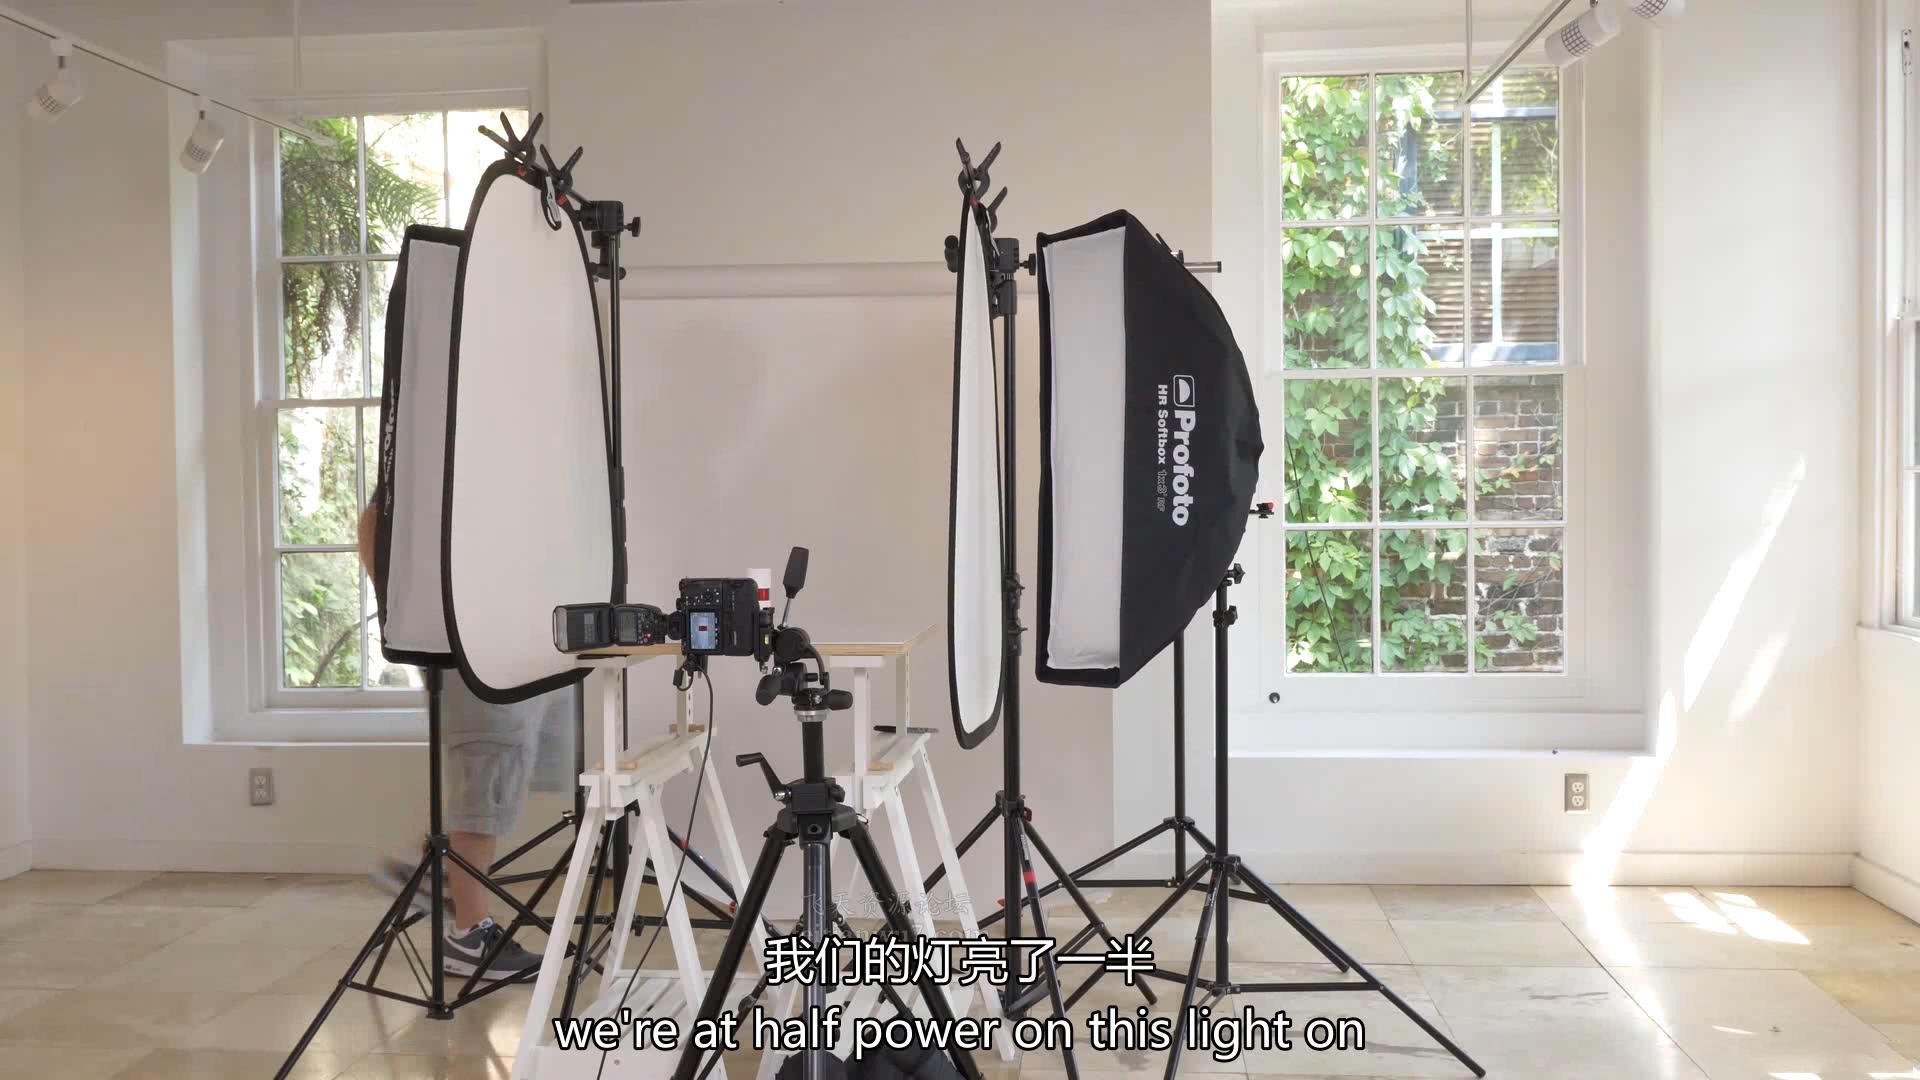 摄影教程_Fstoppers-摄影师Brian RodgersJr高端产品摄影及后期教程-中英字幕 摄影教程 _预览图15